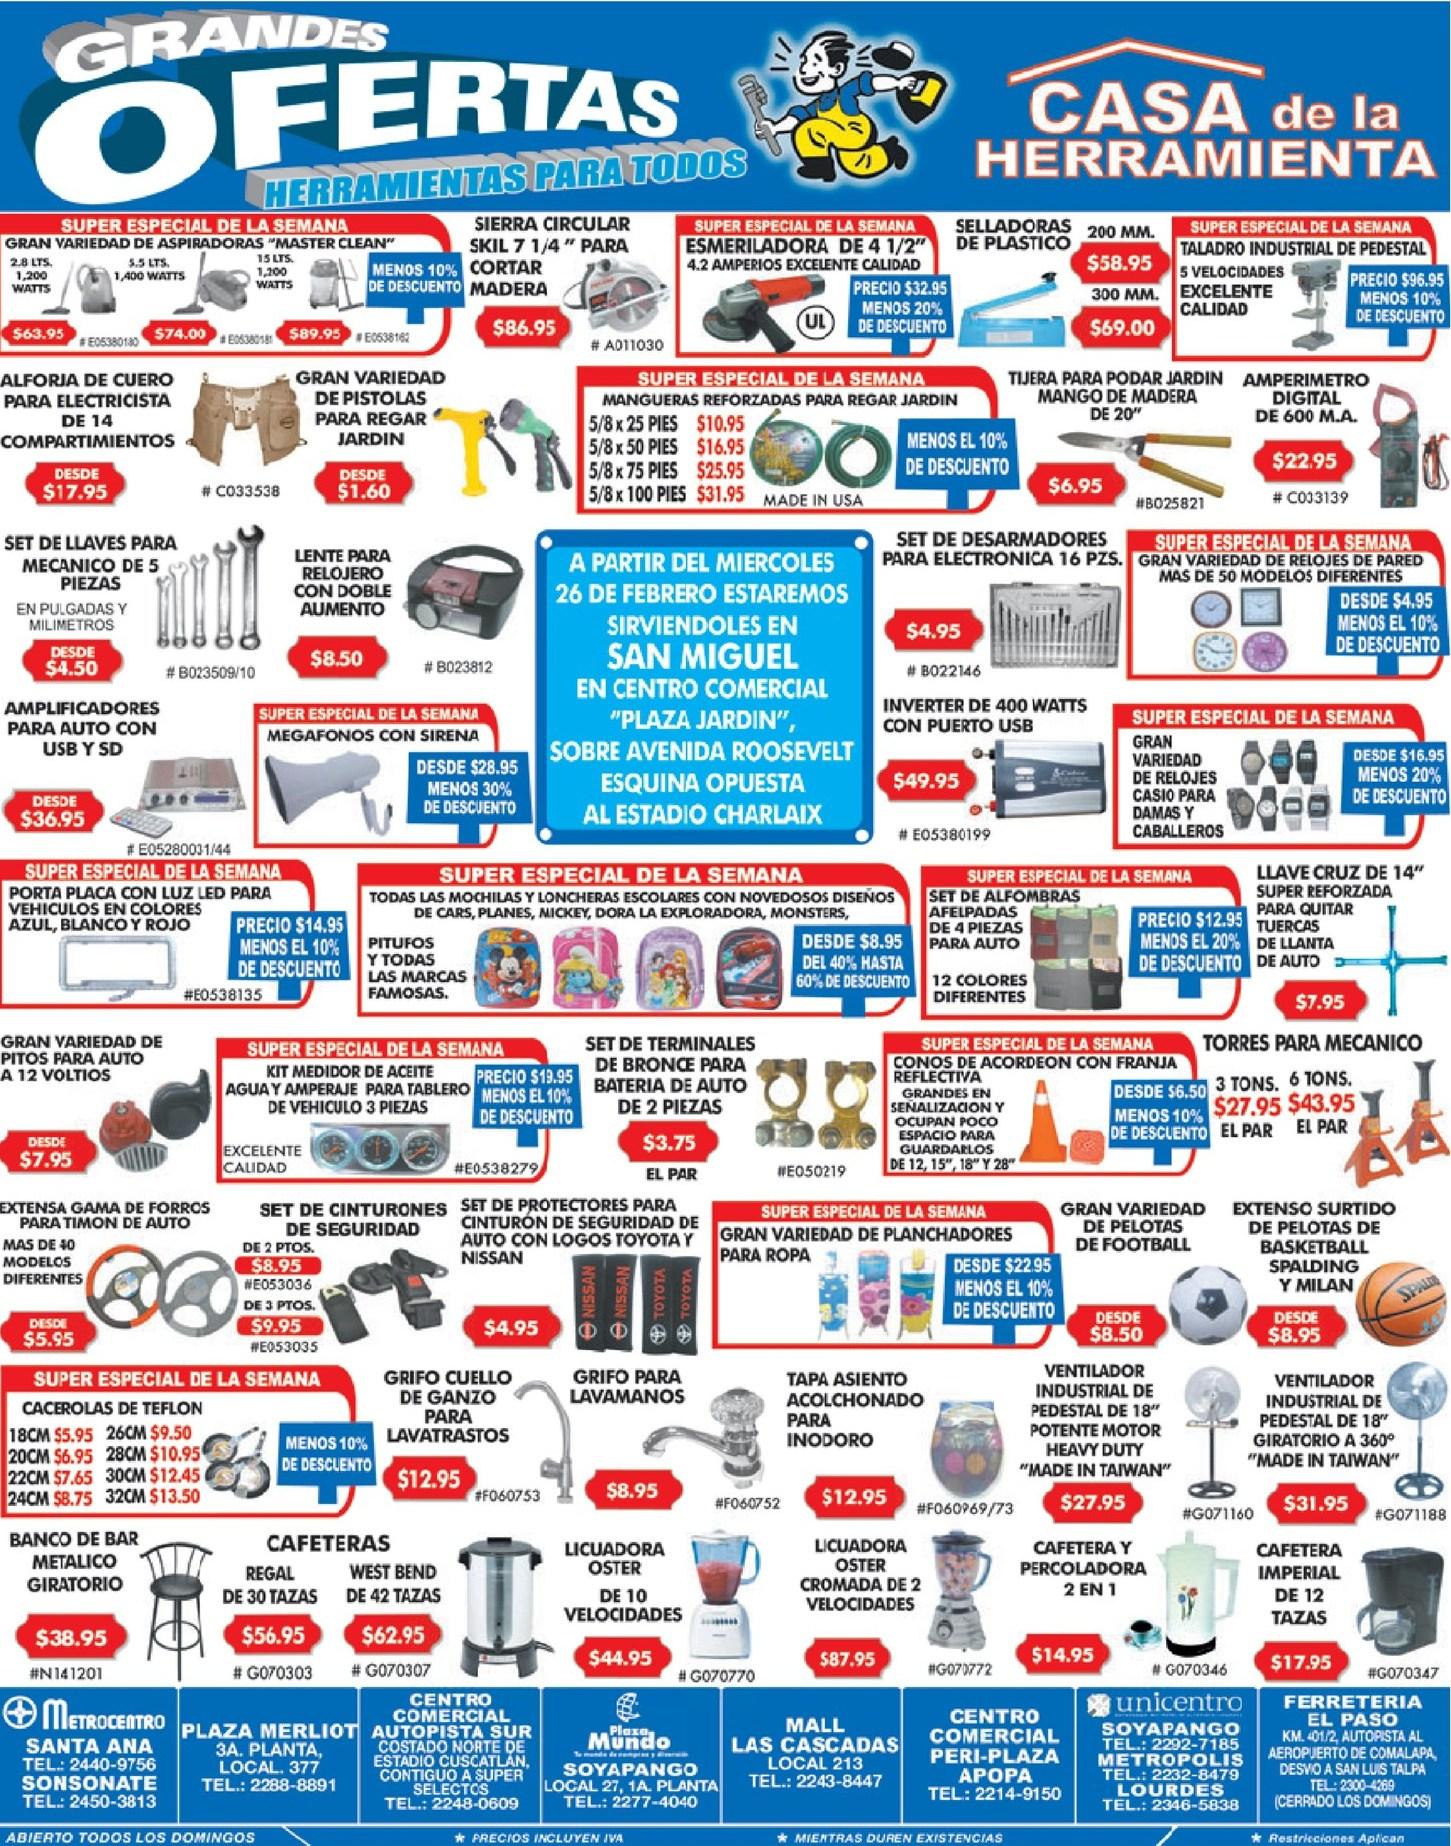 Grandes ofertas casa de la herramienta el salvador for Casas de herramientas